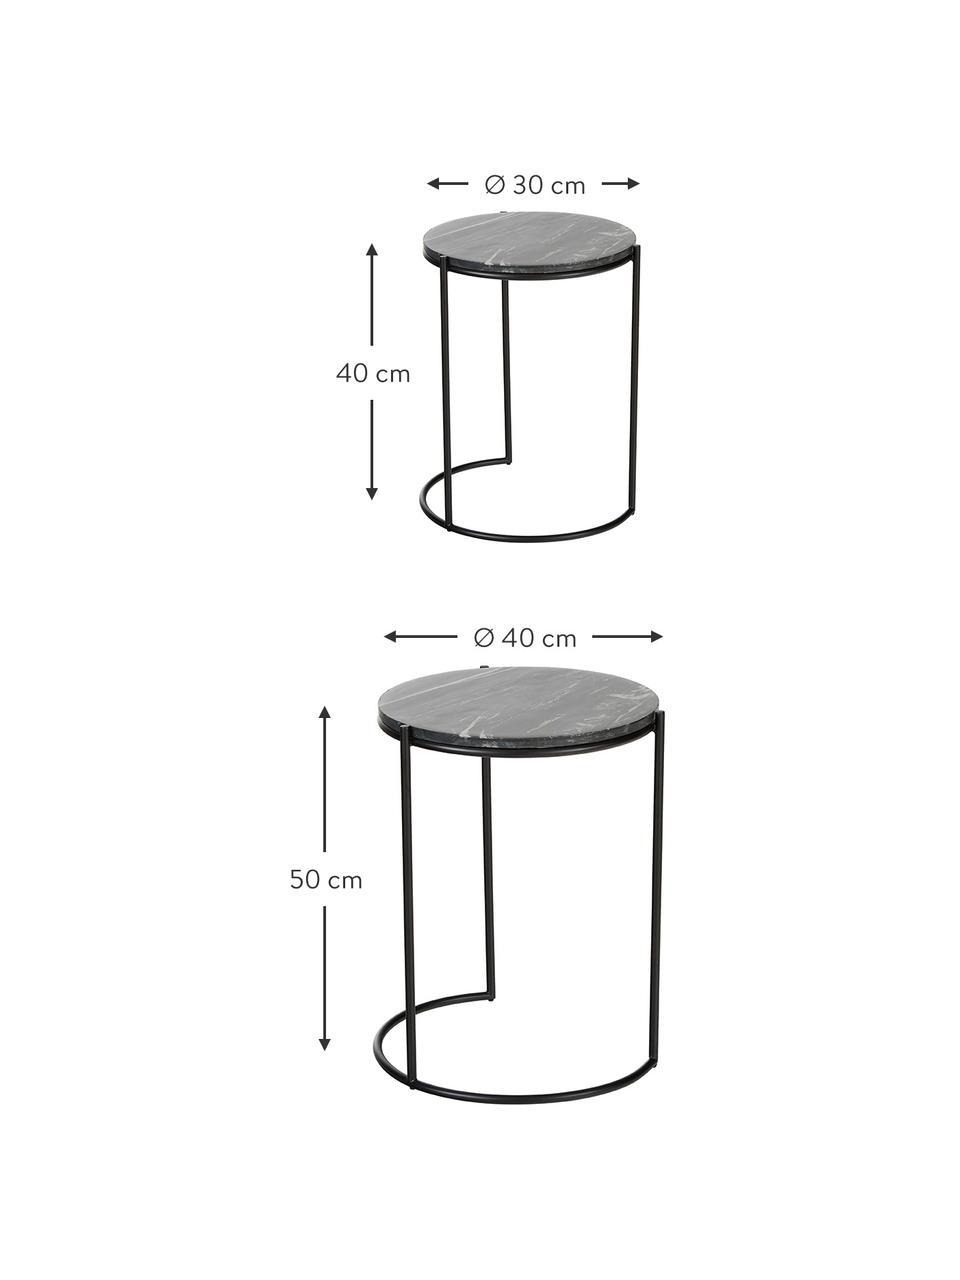 Komplet stolików pomocniczych z marmuru Ella, 2 elem., Czarny marmur, czarny, Komplet z różnymi rozmiarami